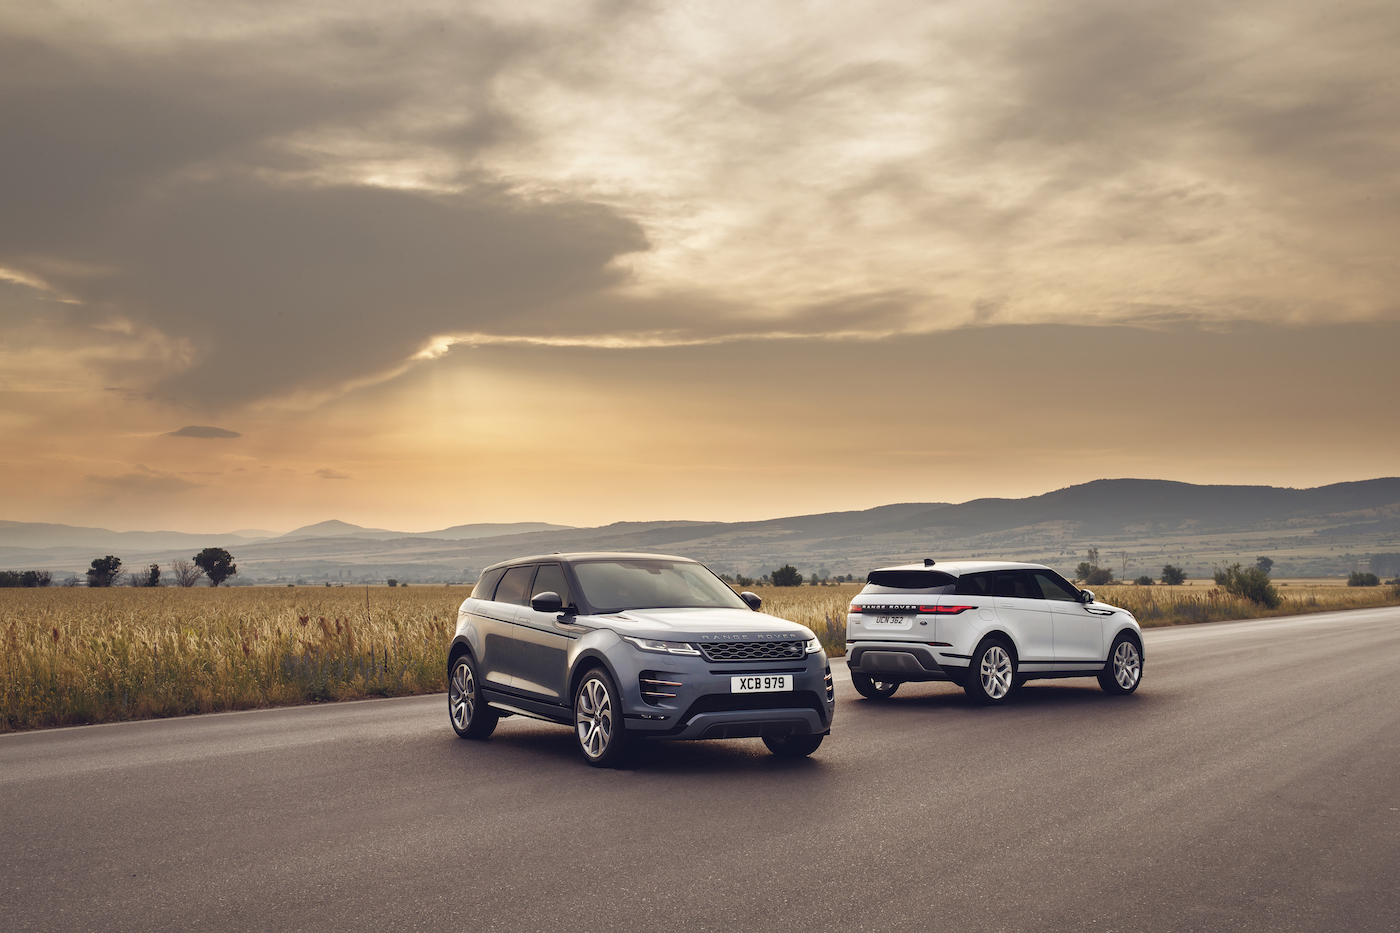 Der neue Evoque: Range Rover übertrifft sich selbst 8